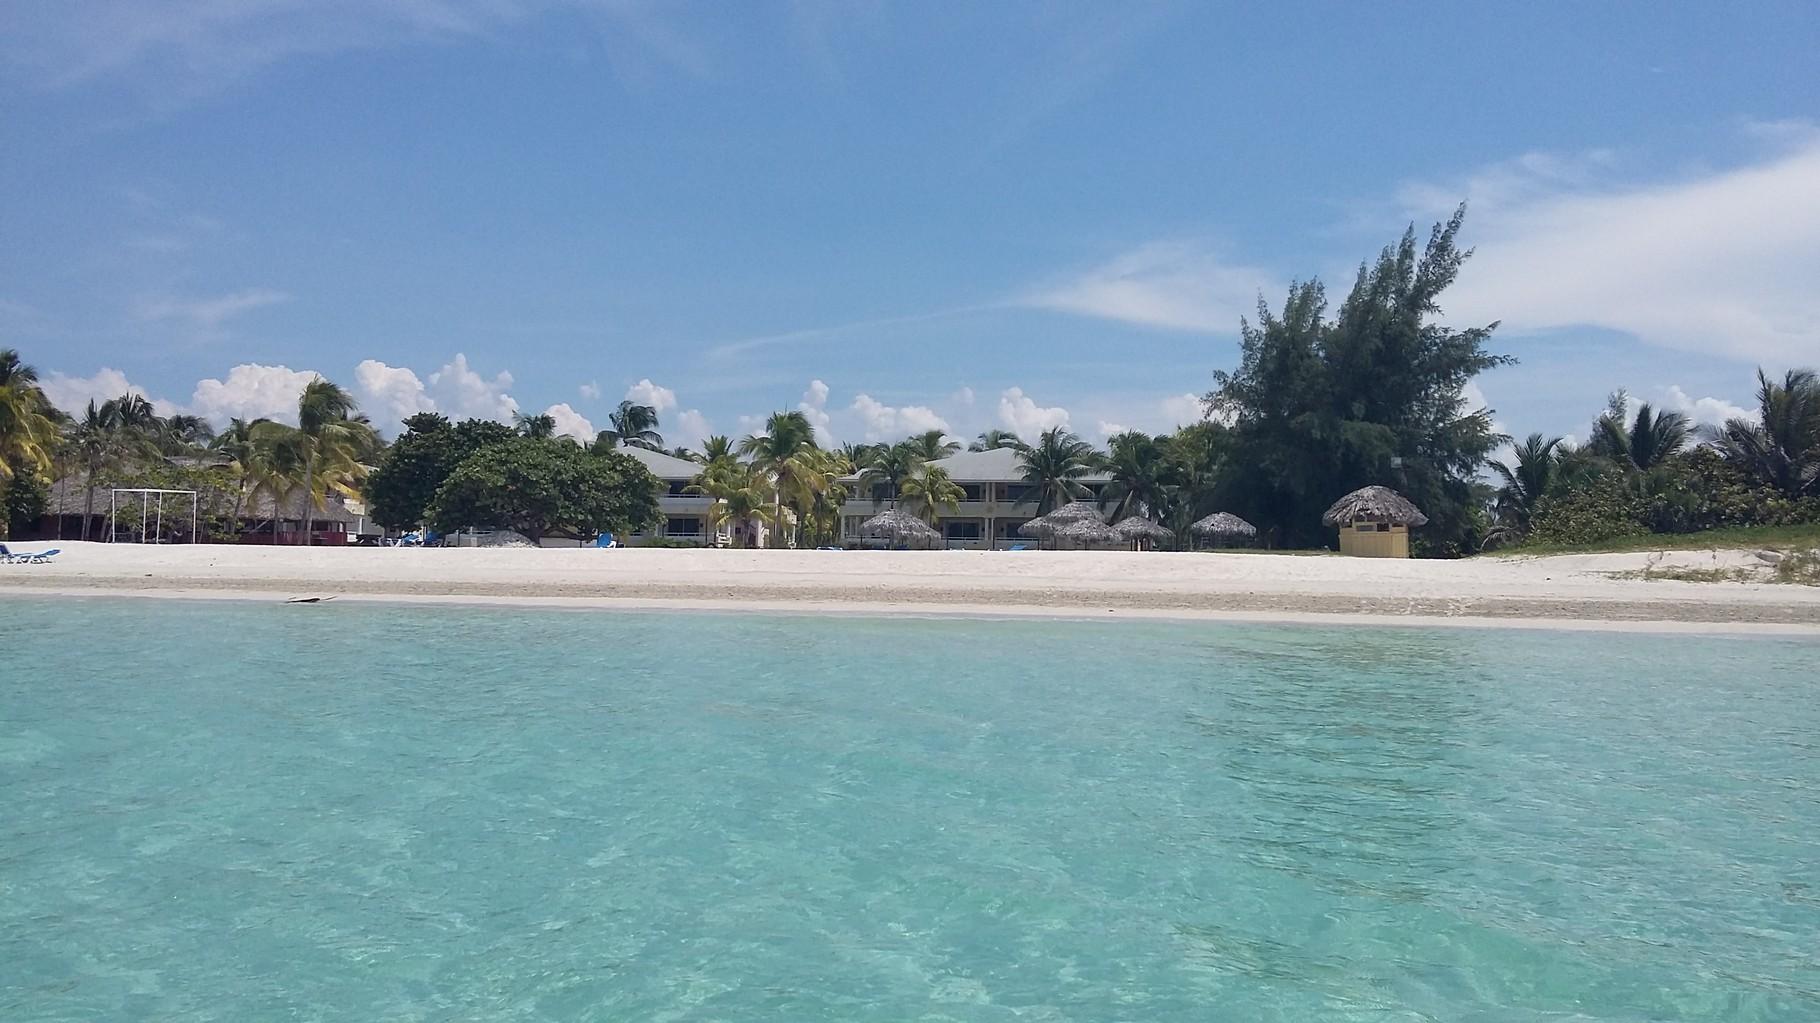 Las playas del Atlántico como Varadero son de aguas tranquilas y una brillante arena blanca.